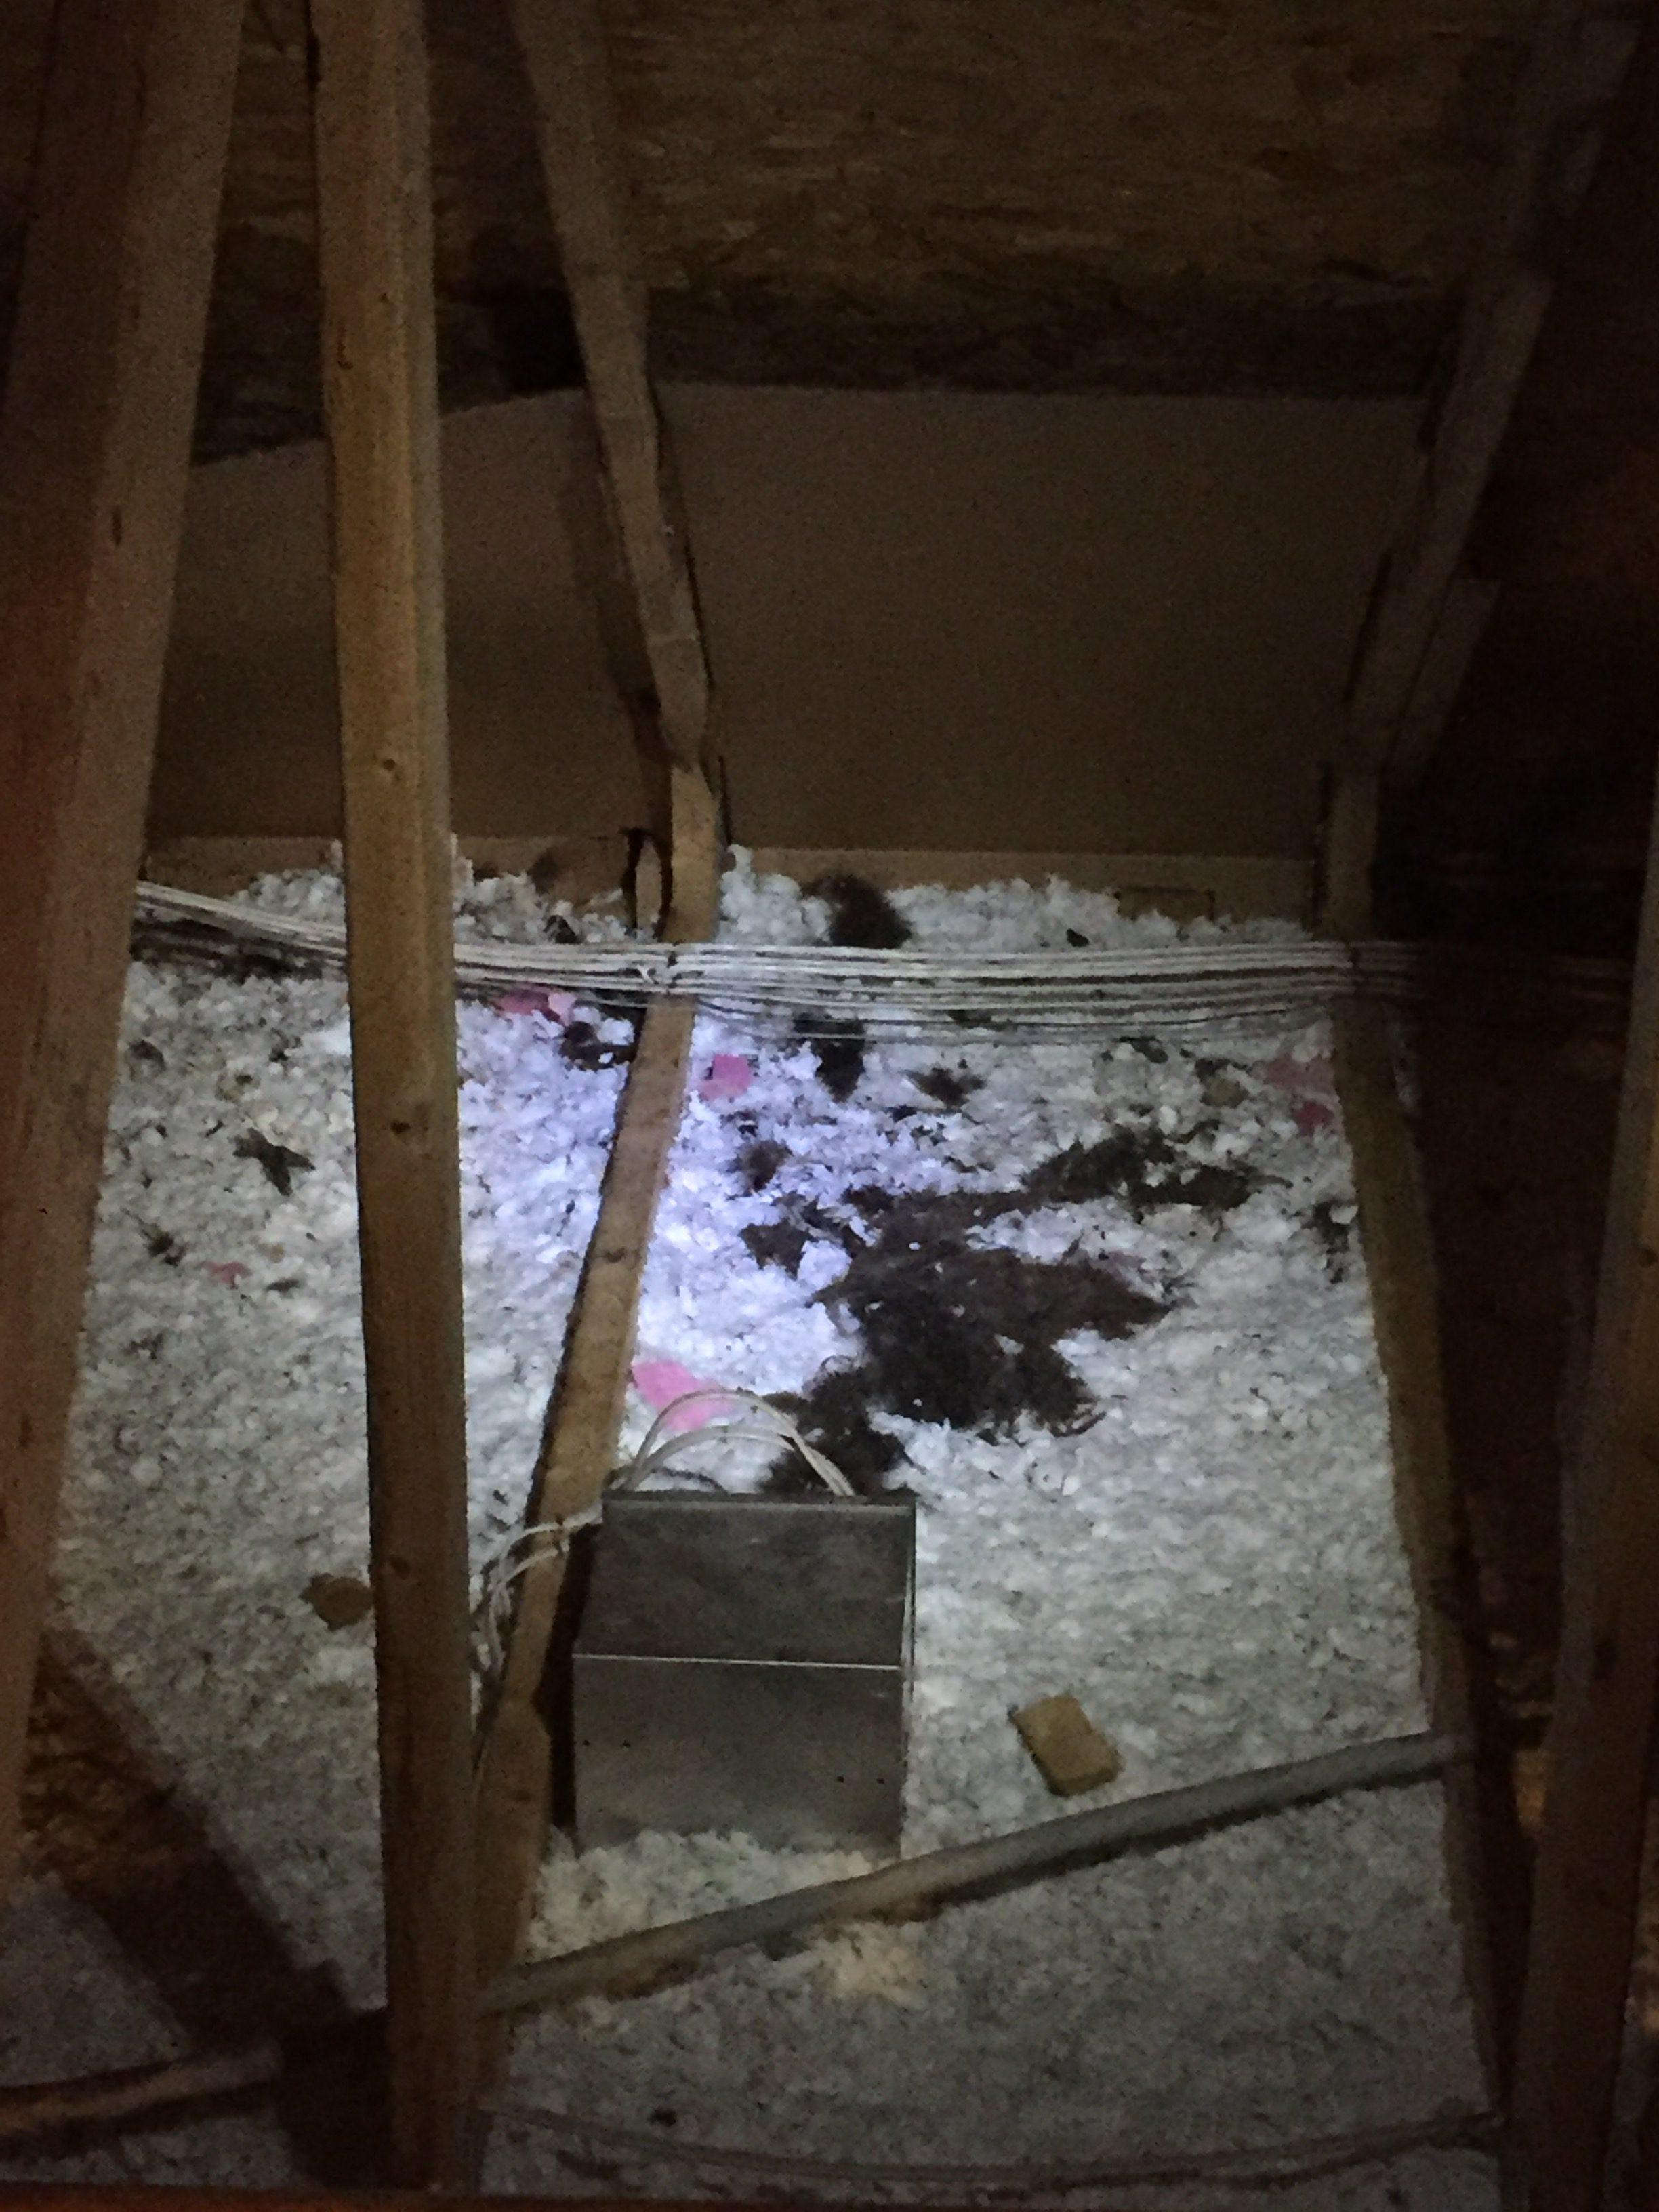 Raccoon Feces In Attic Clean Up Amp Repair Dirty Job